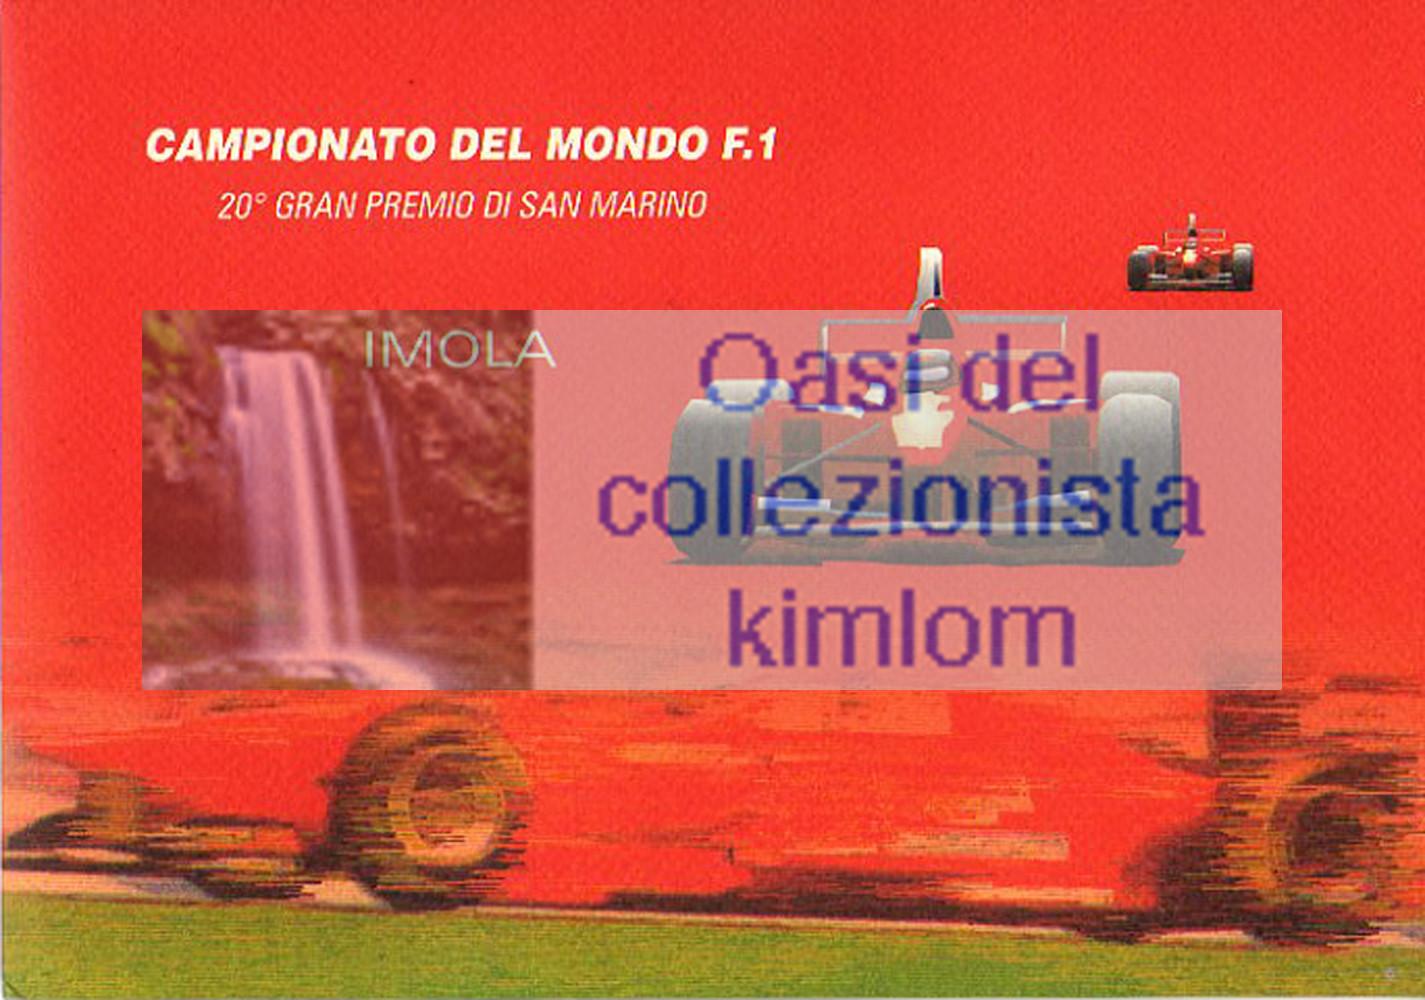 folder - Campionato del mondo F.1 20° gran premio di San Marino